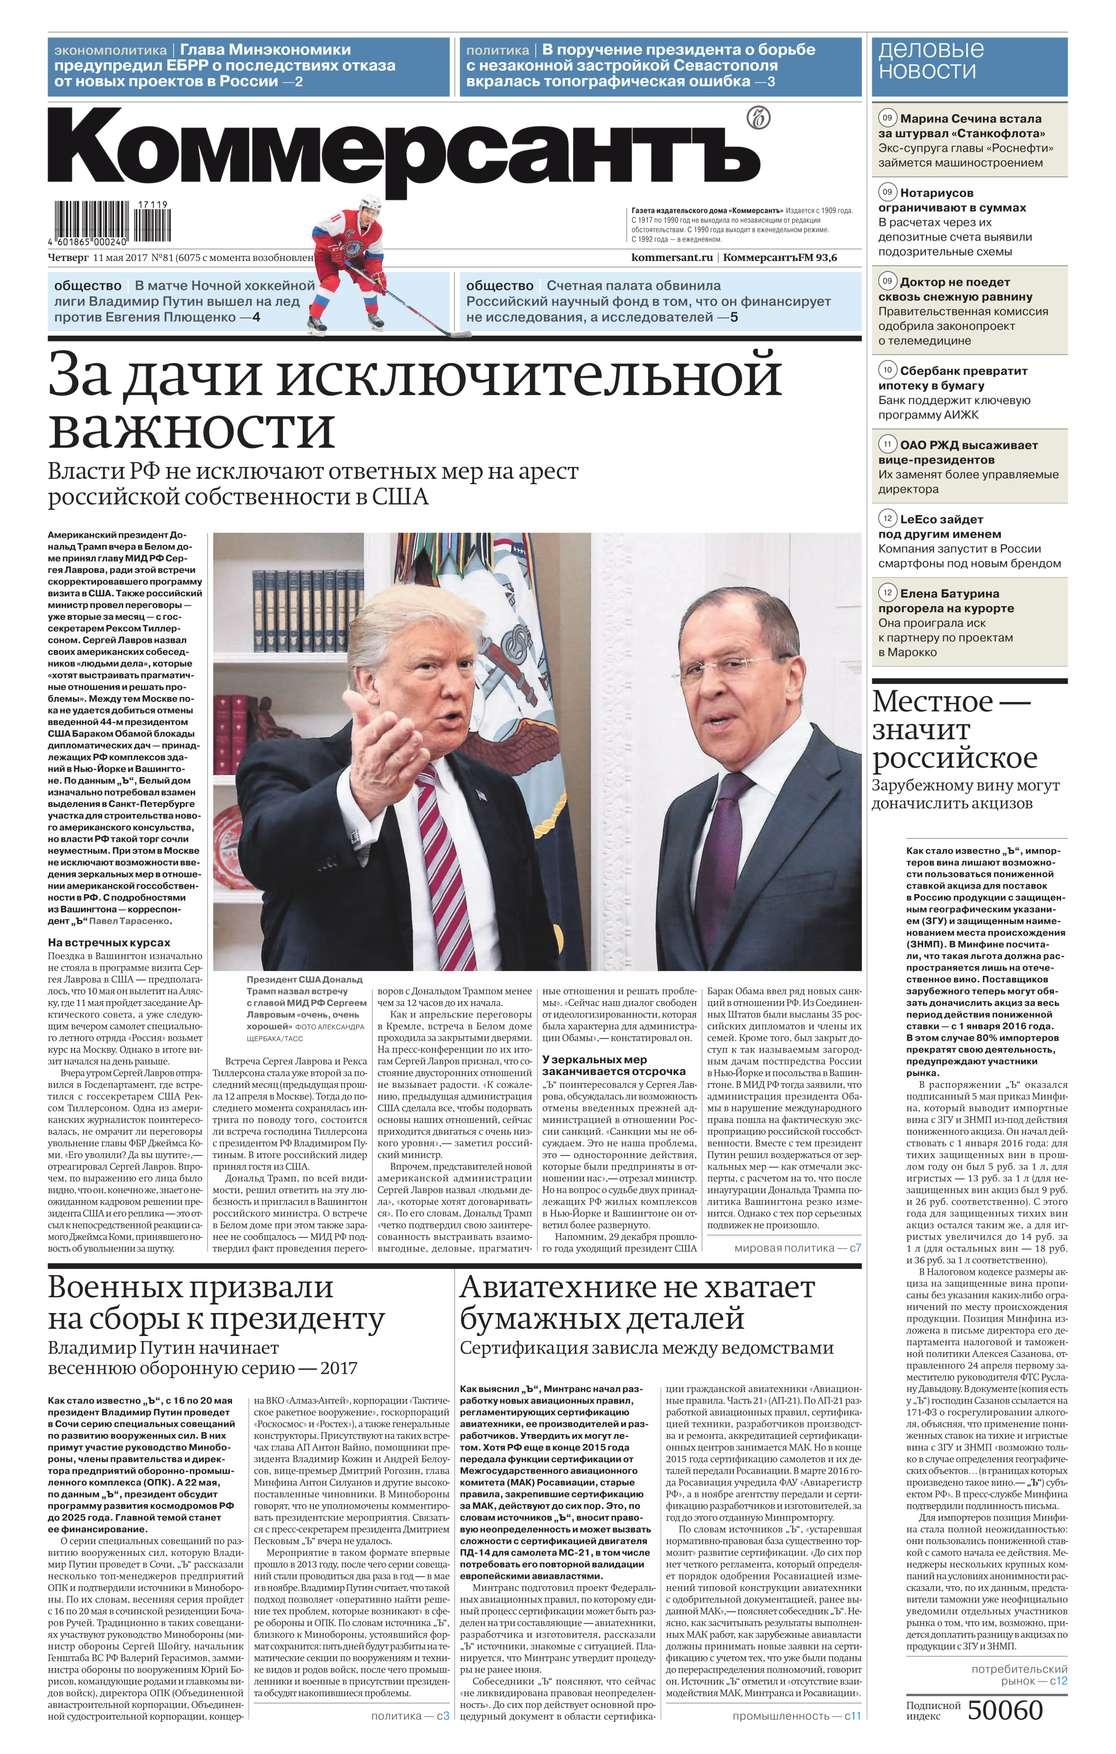 Редакция газеты Коммерсантъ (понедельник-пятница) Коммерсантъ (понедельник-пятница) 81-2017